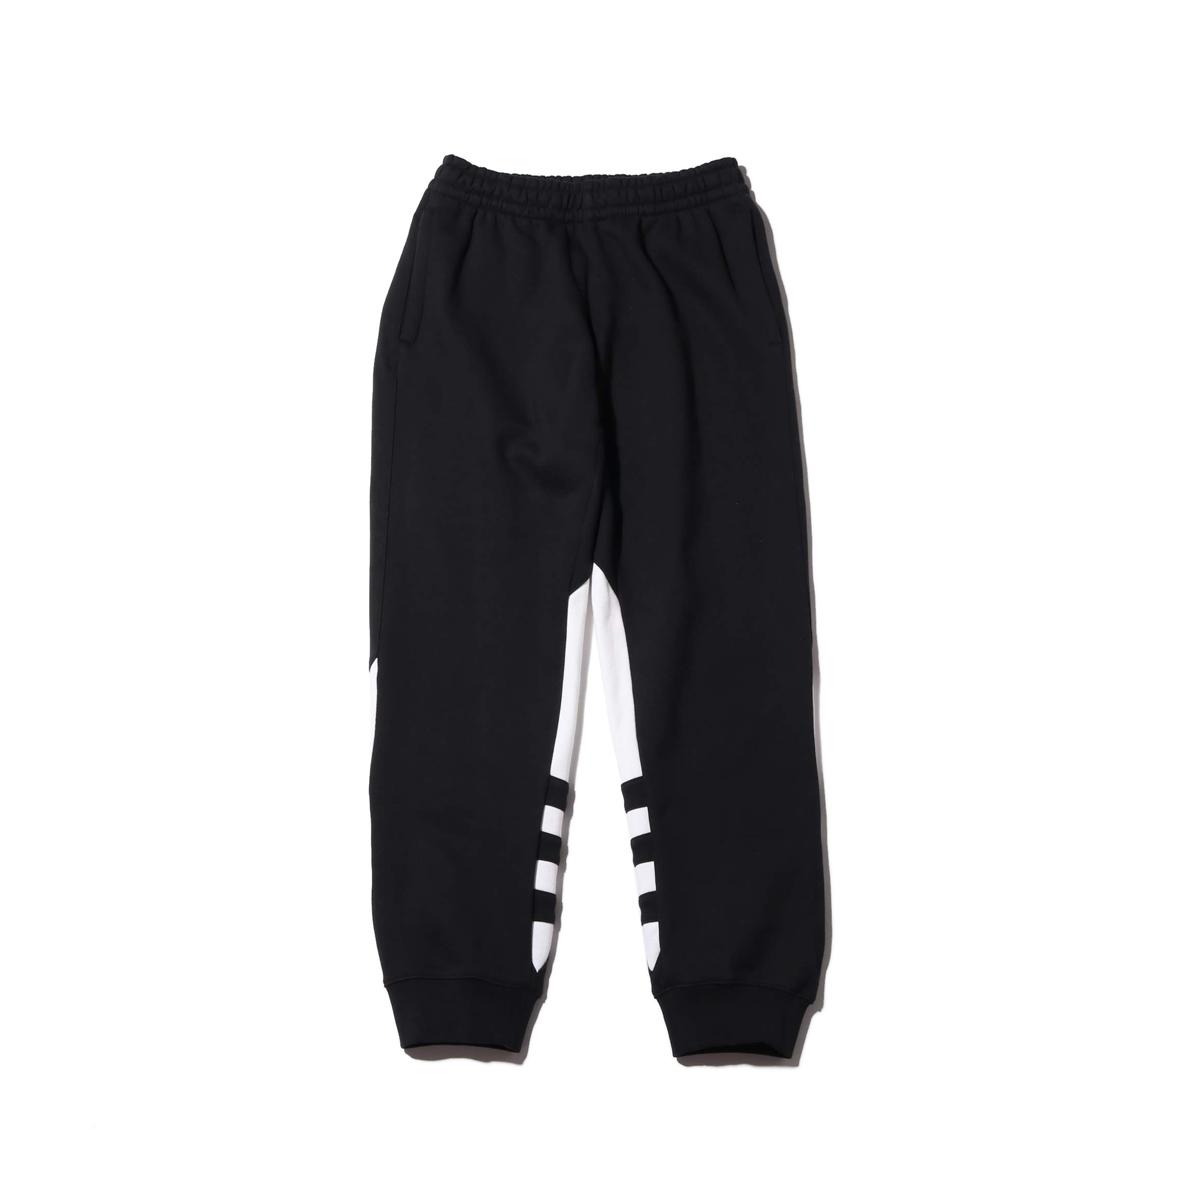 adidas BIGG TREFOIL PANT(アディダス ビッグ トレフォイル パンツ)BLACK【メンズ ロングパンツ】20SS-I